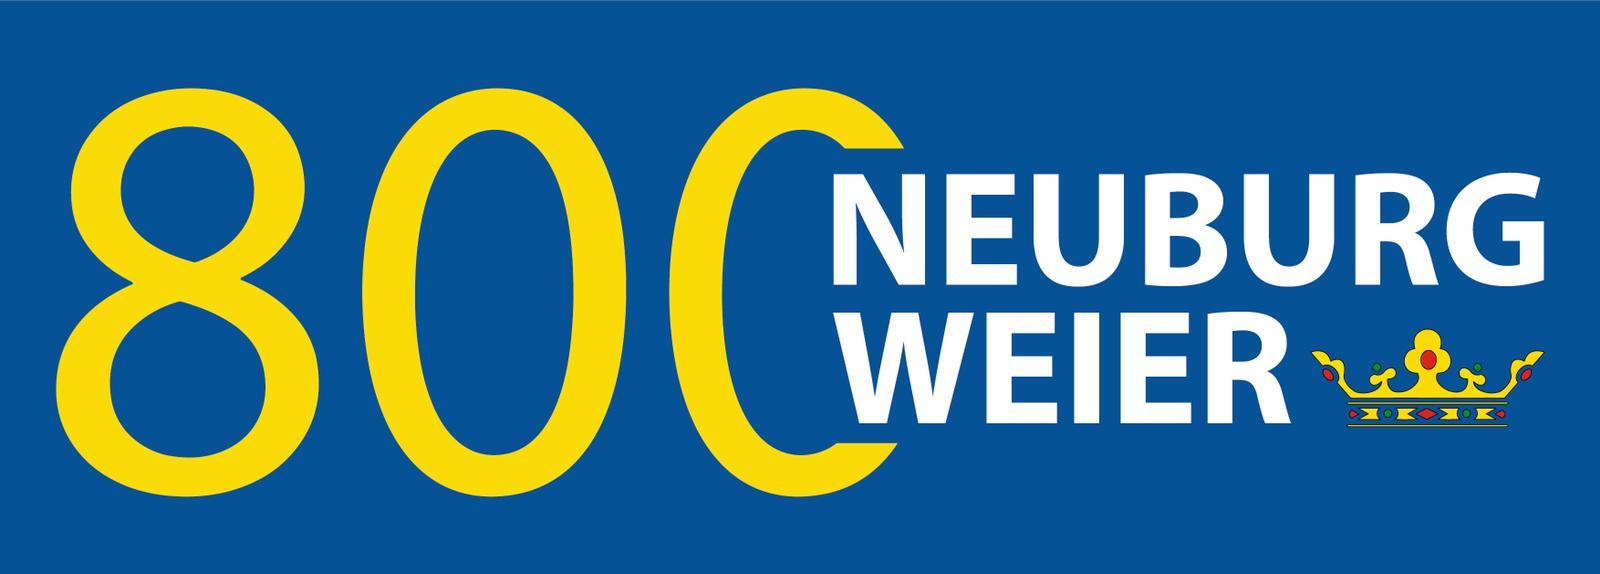 800 Jahre, Dorfjubiläum, Neuburgweier, Rheinstetten, Jubiläumsfest, Veranstaltungen